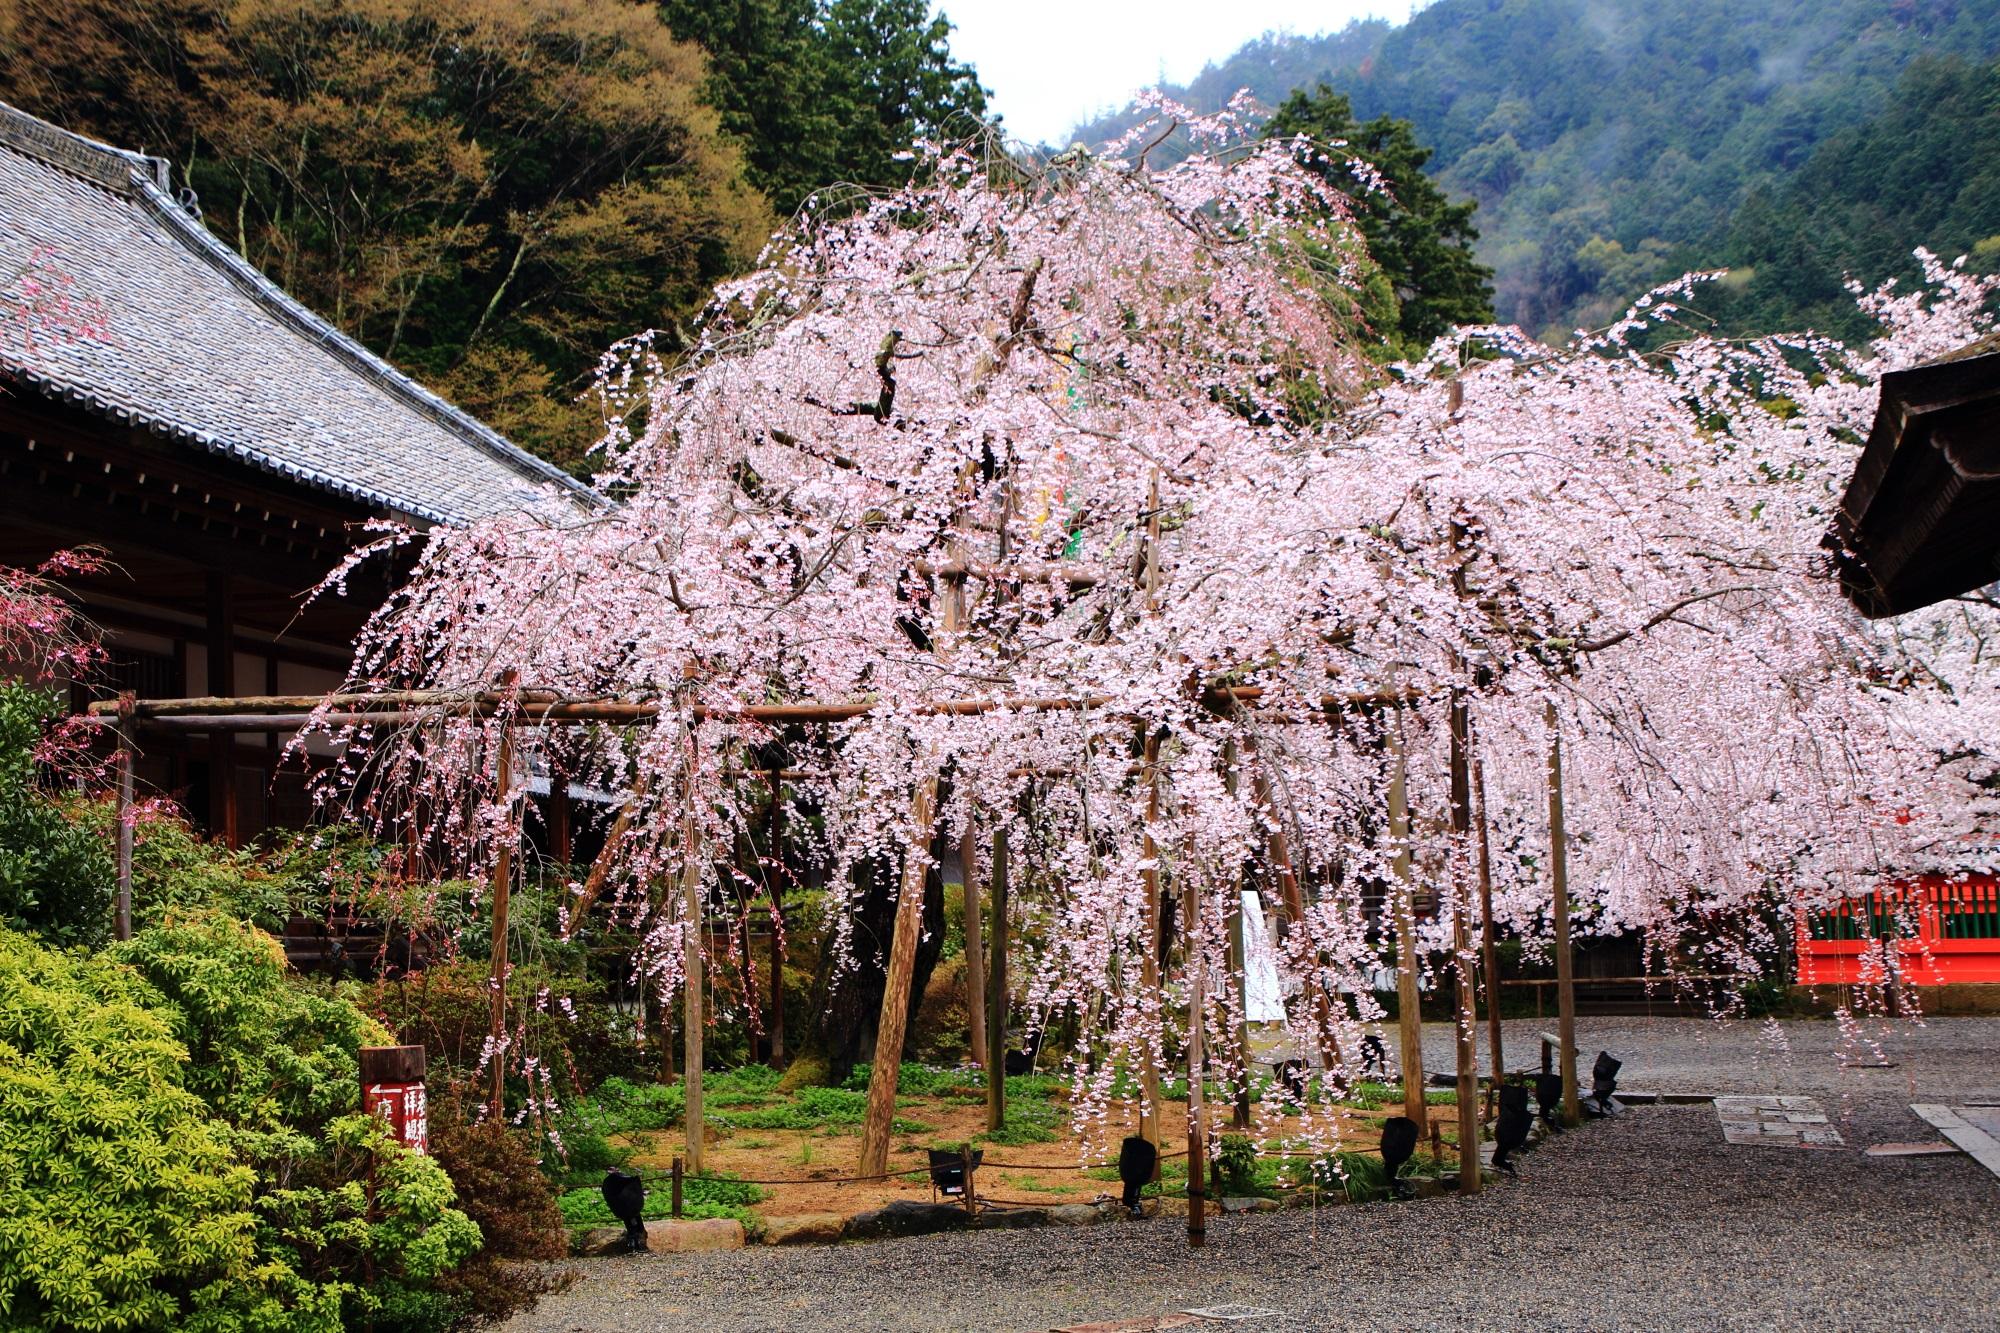 予想以上に凄い桜の名所